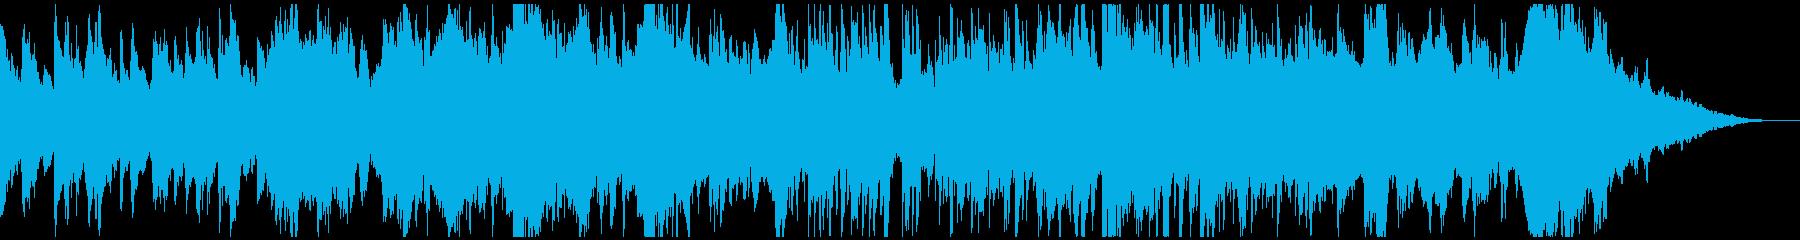 生演奏チェロとハープのロマンチックワルツの再生済みの波形